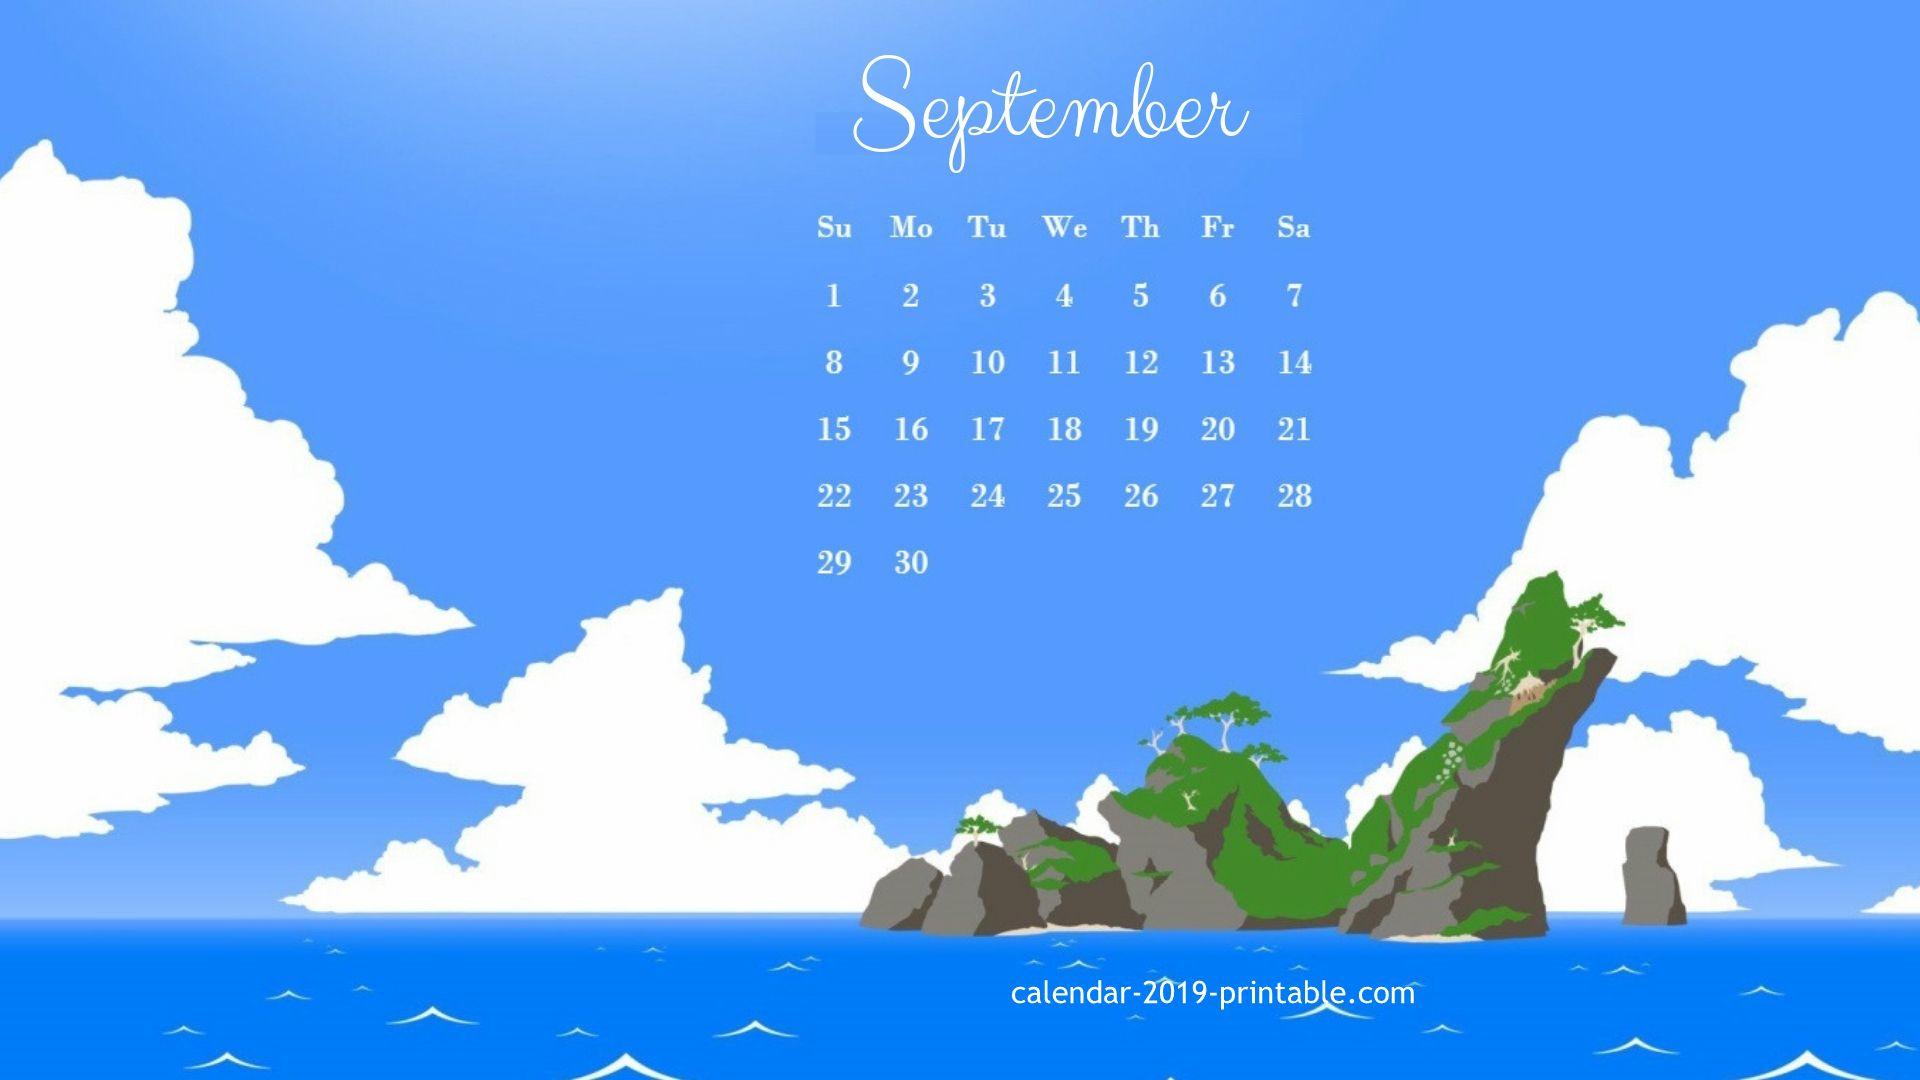 Desktop Calendar for September 2019